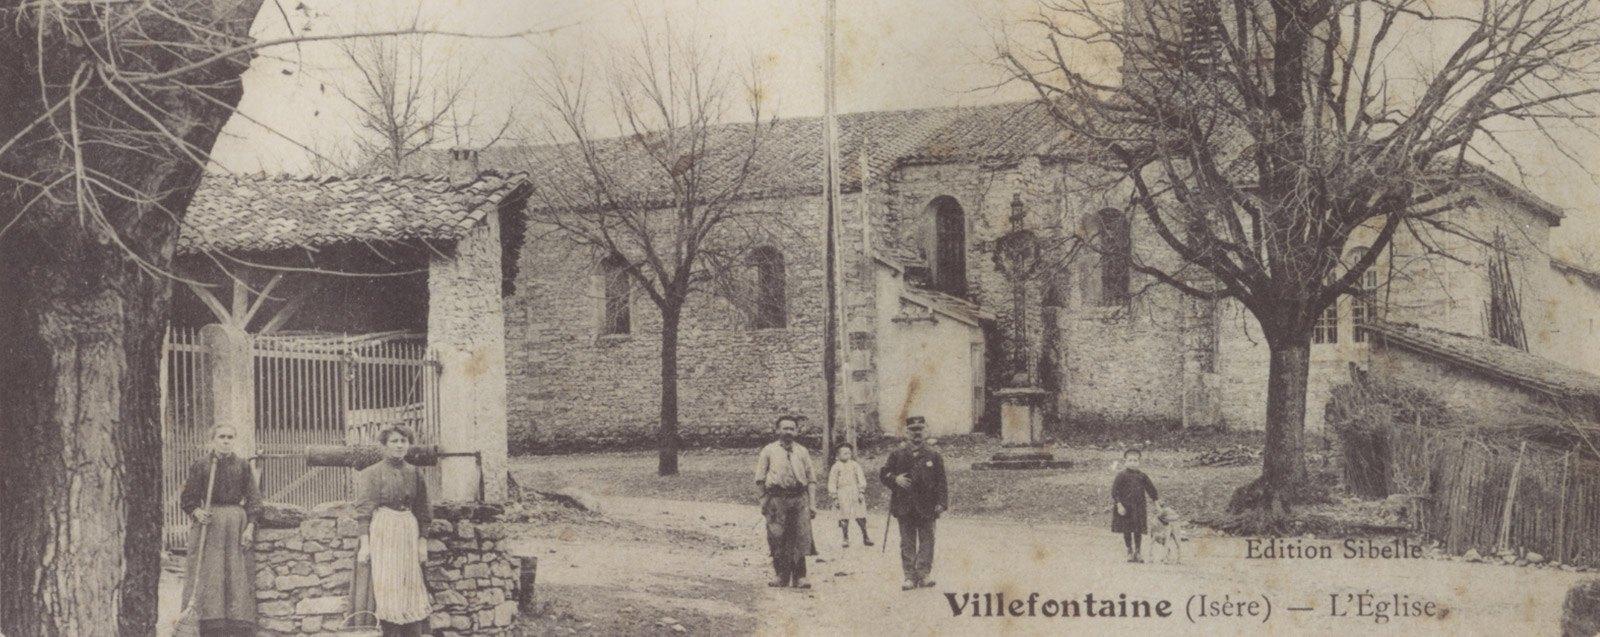 Histoire de Villefontaine, l'église et les habitants